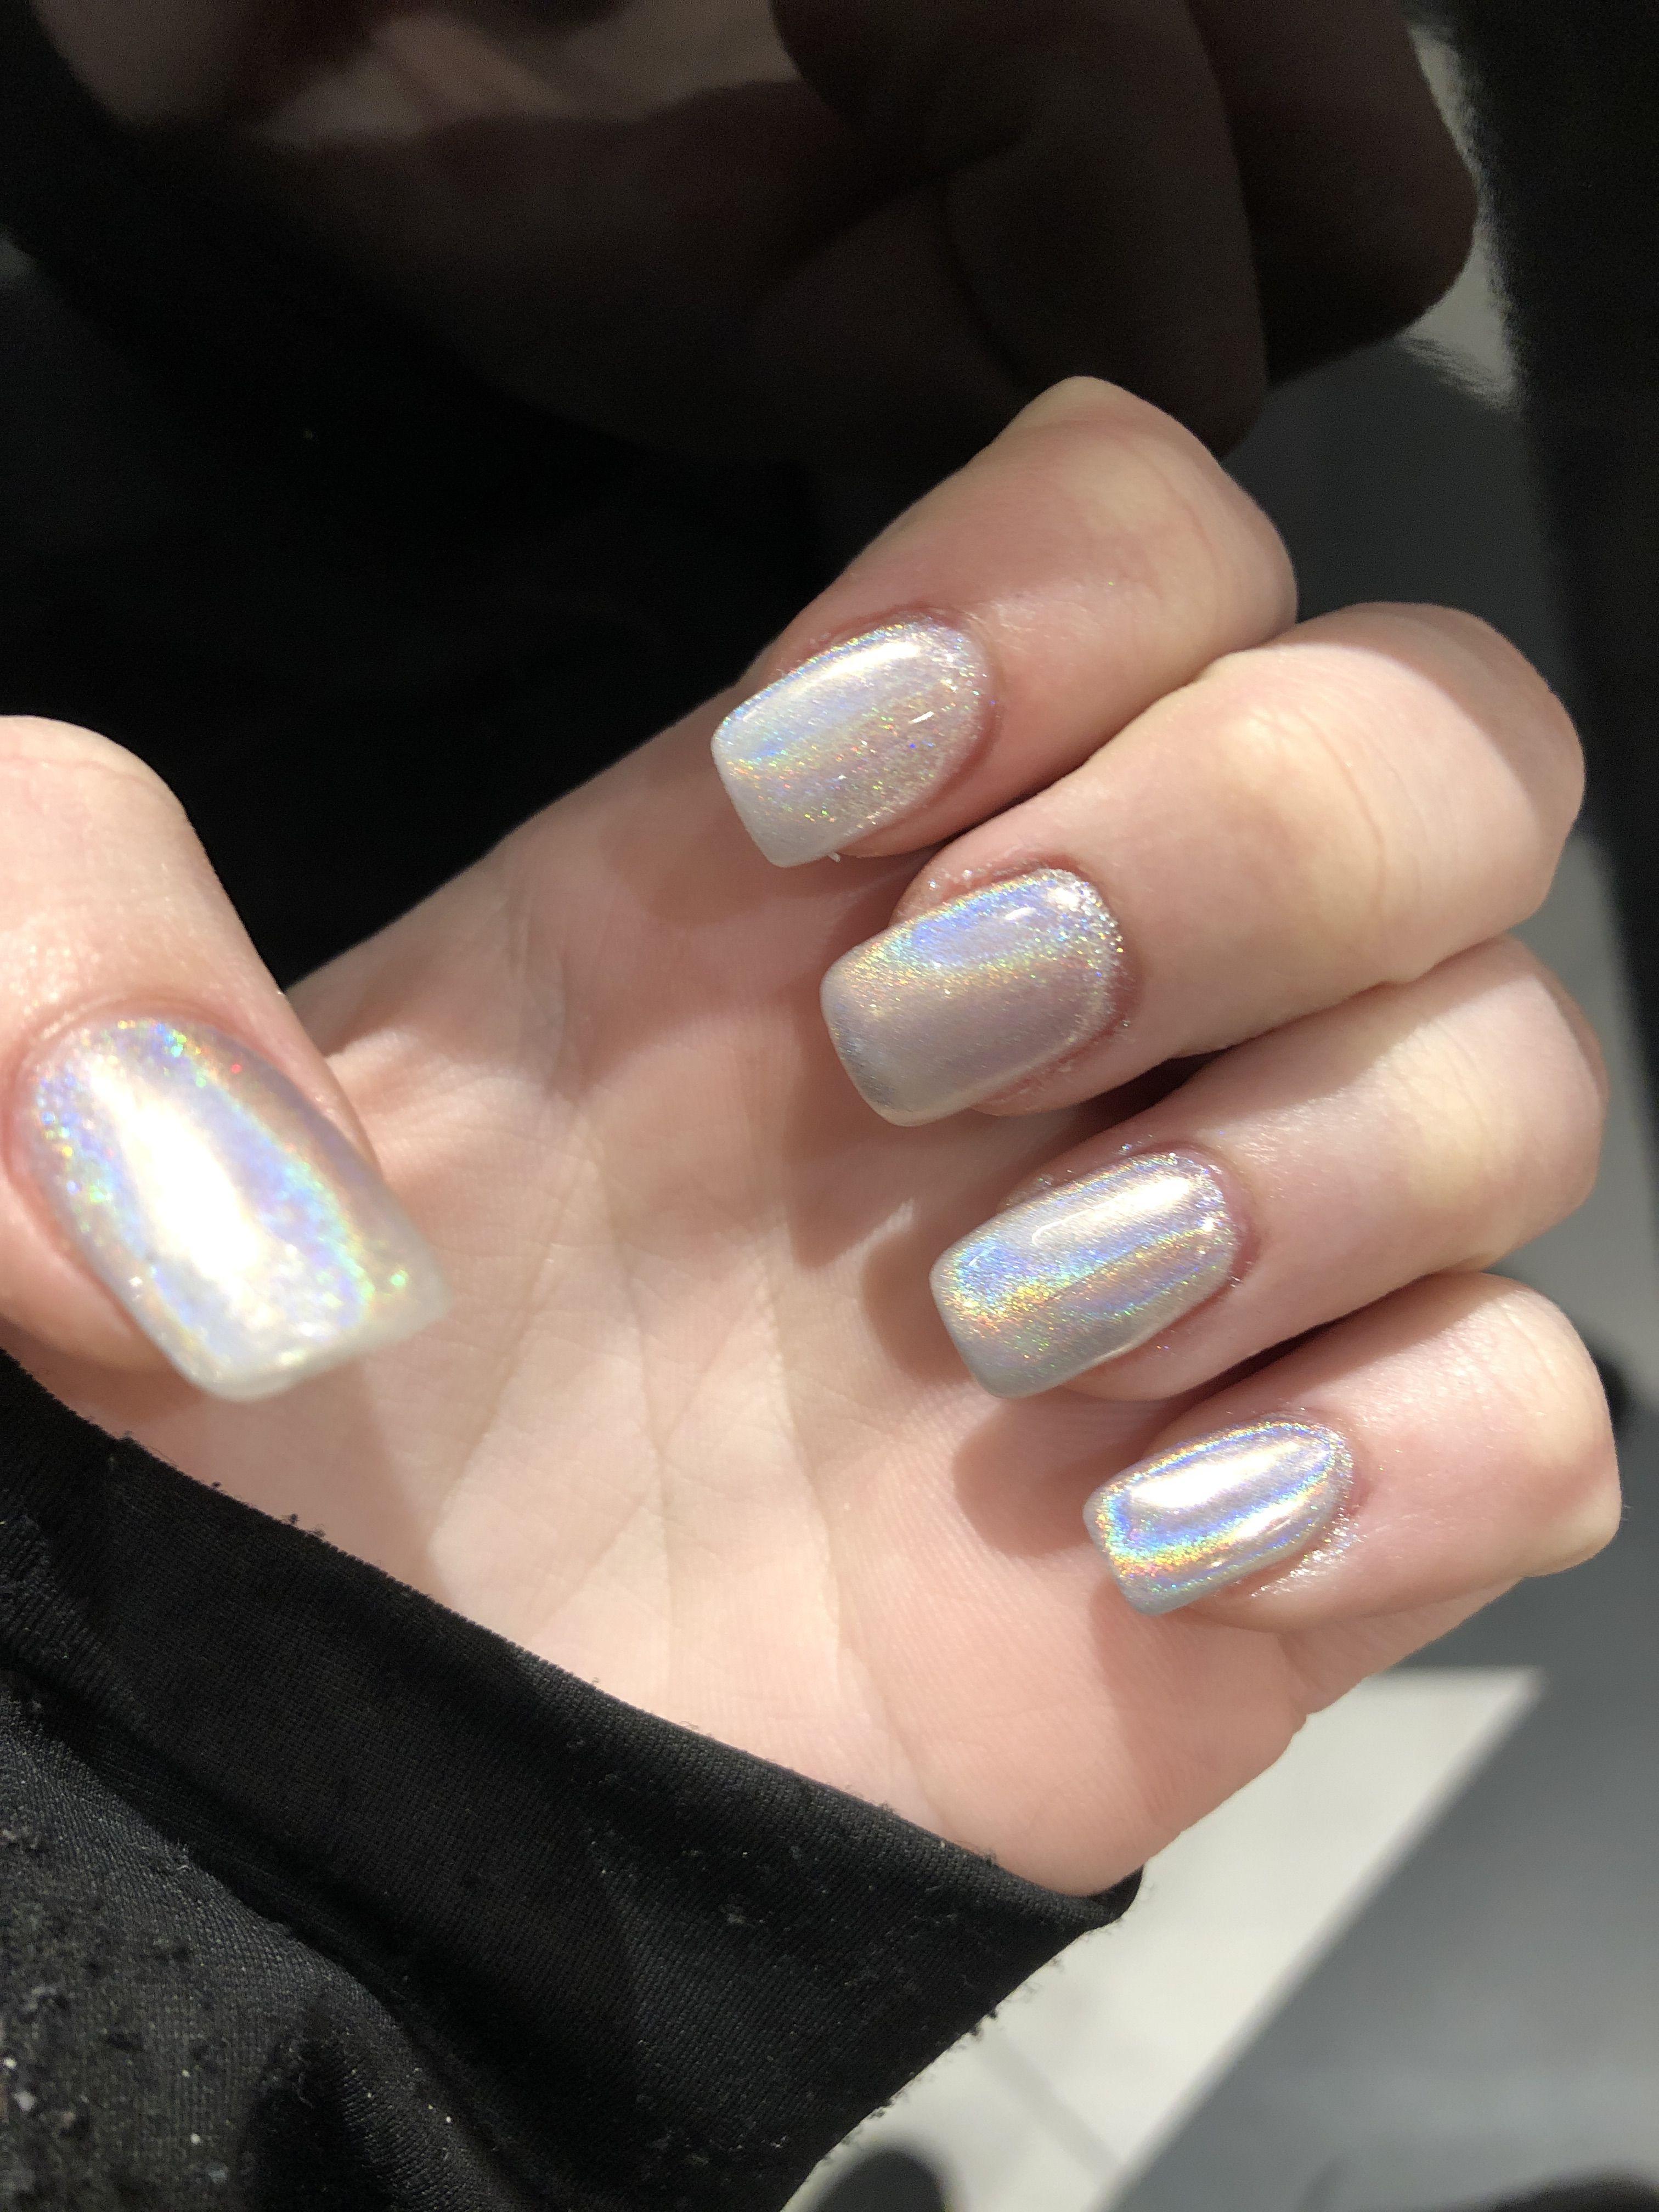 Épinglé par Magdaleine sur Diseños artísticos en uñas